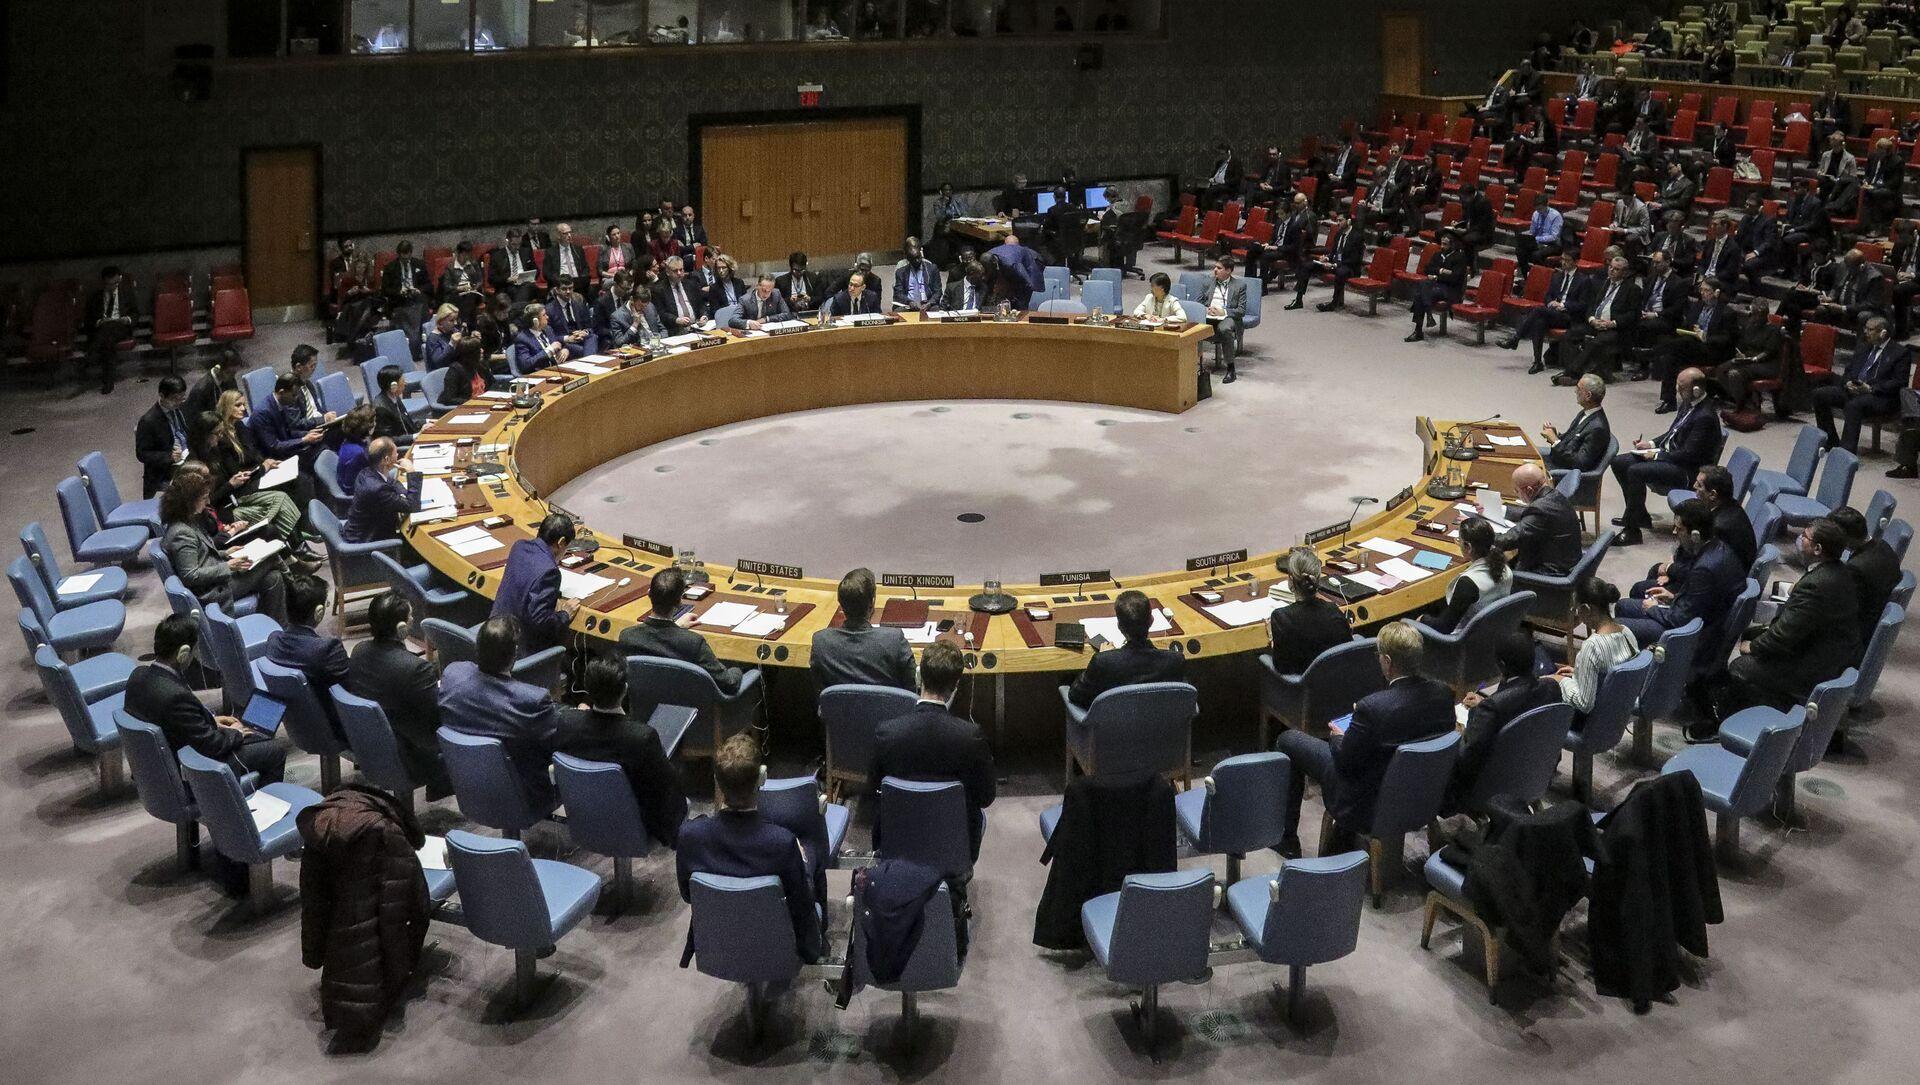 Zasedání Rady bezpečnosti OSN. Ilustrační foto - Sputnik Česká republika, 1920, 04.03.2021